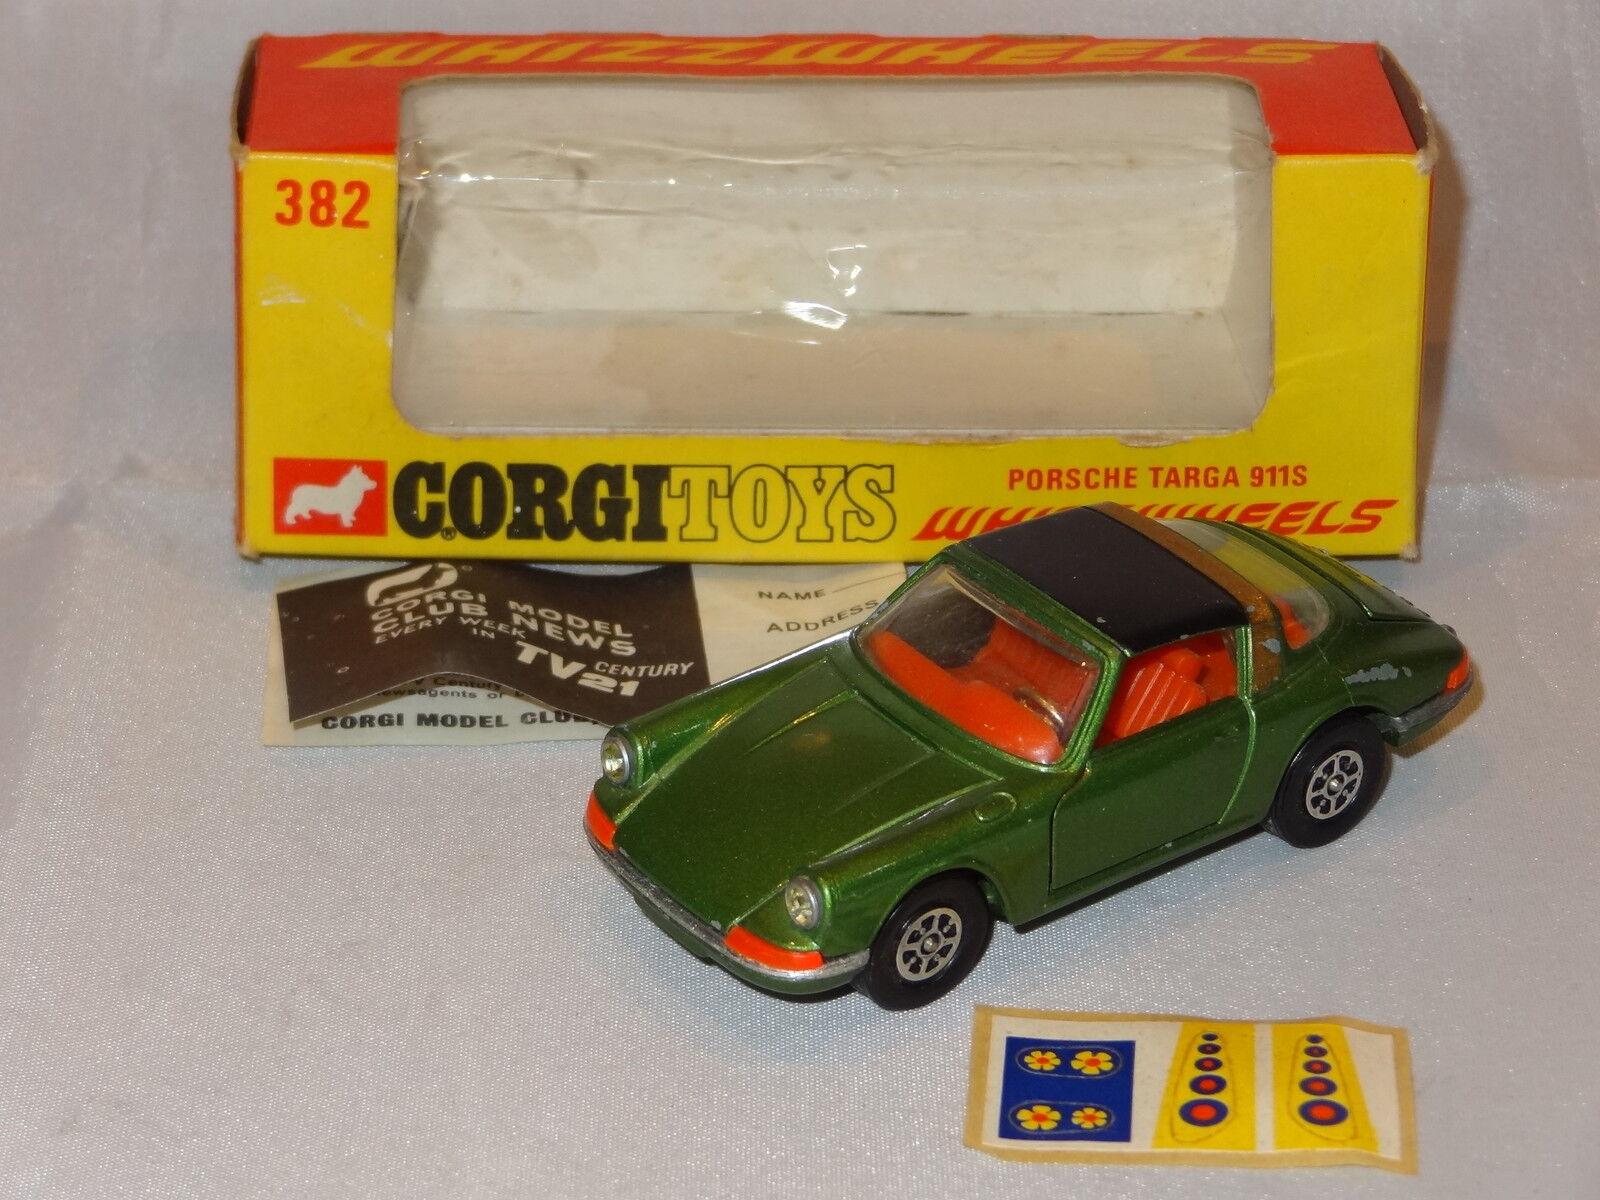 Corgi PORSCHE TARGA 911S - 382